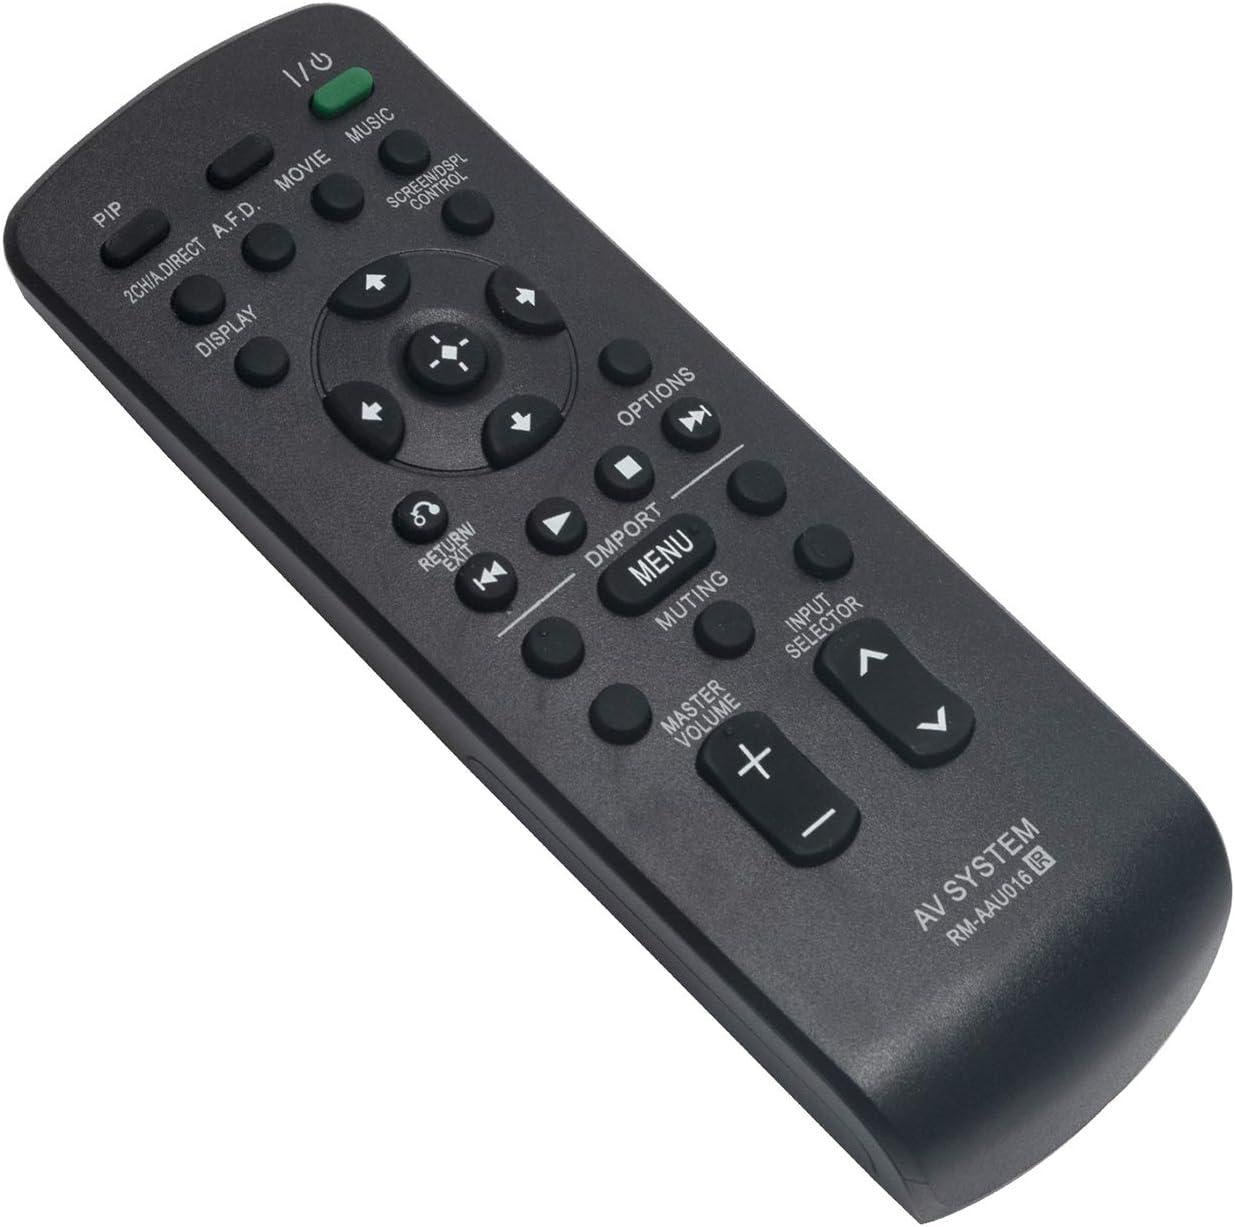 RM-AAU016 RMAAU016 Replace Remote Control fit for Sony Multi Channel AV Receiver Stereo STR-DA5300ES STR-DA2400ES STR-DA3300ES STR-DA3400ES STR-3400ES STR-3500ES STR-DA3500ES STR-DA4300ES